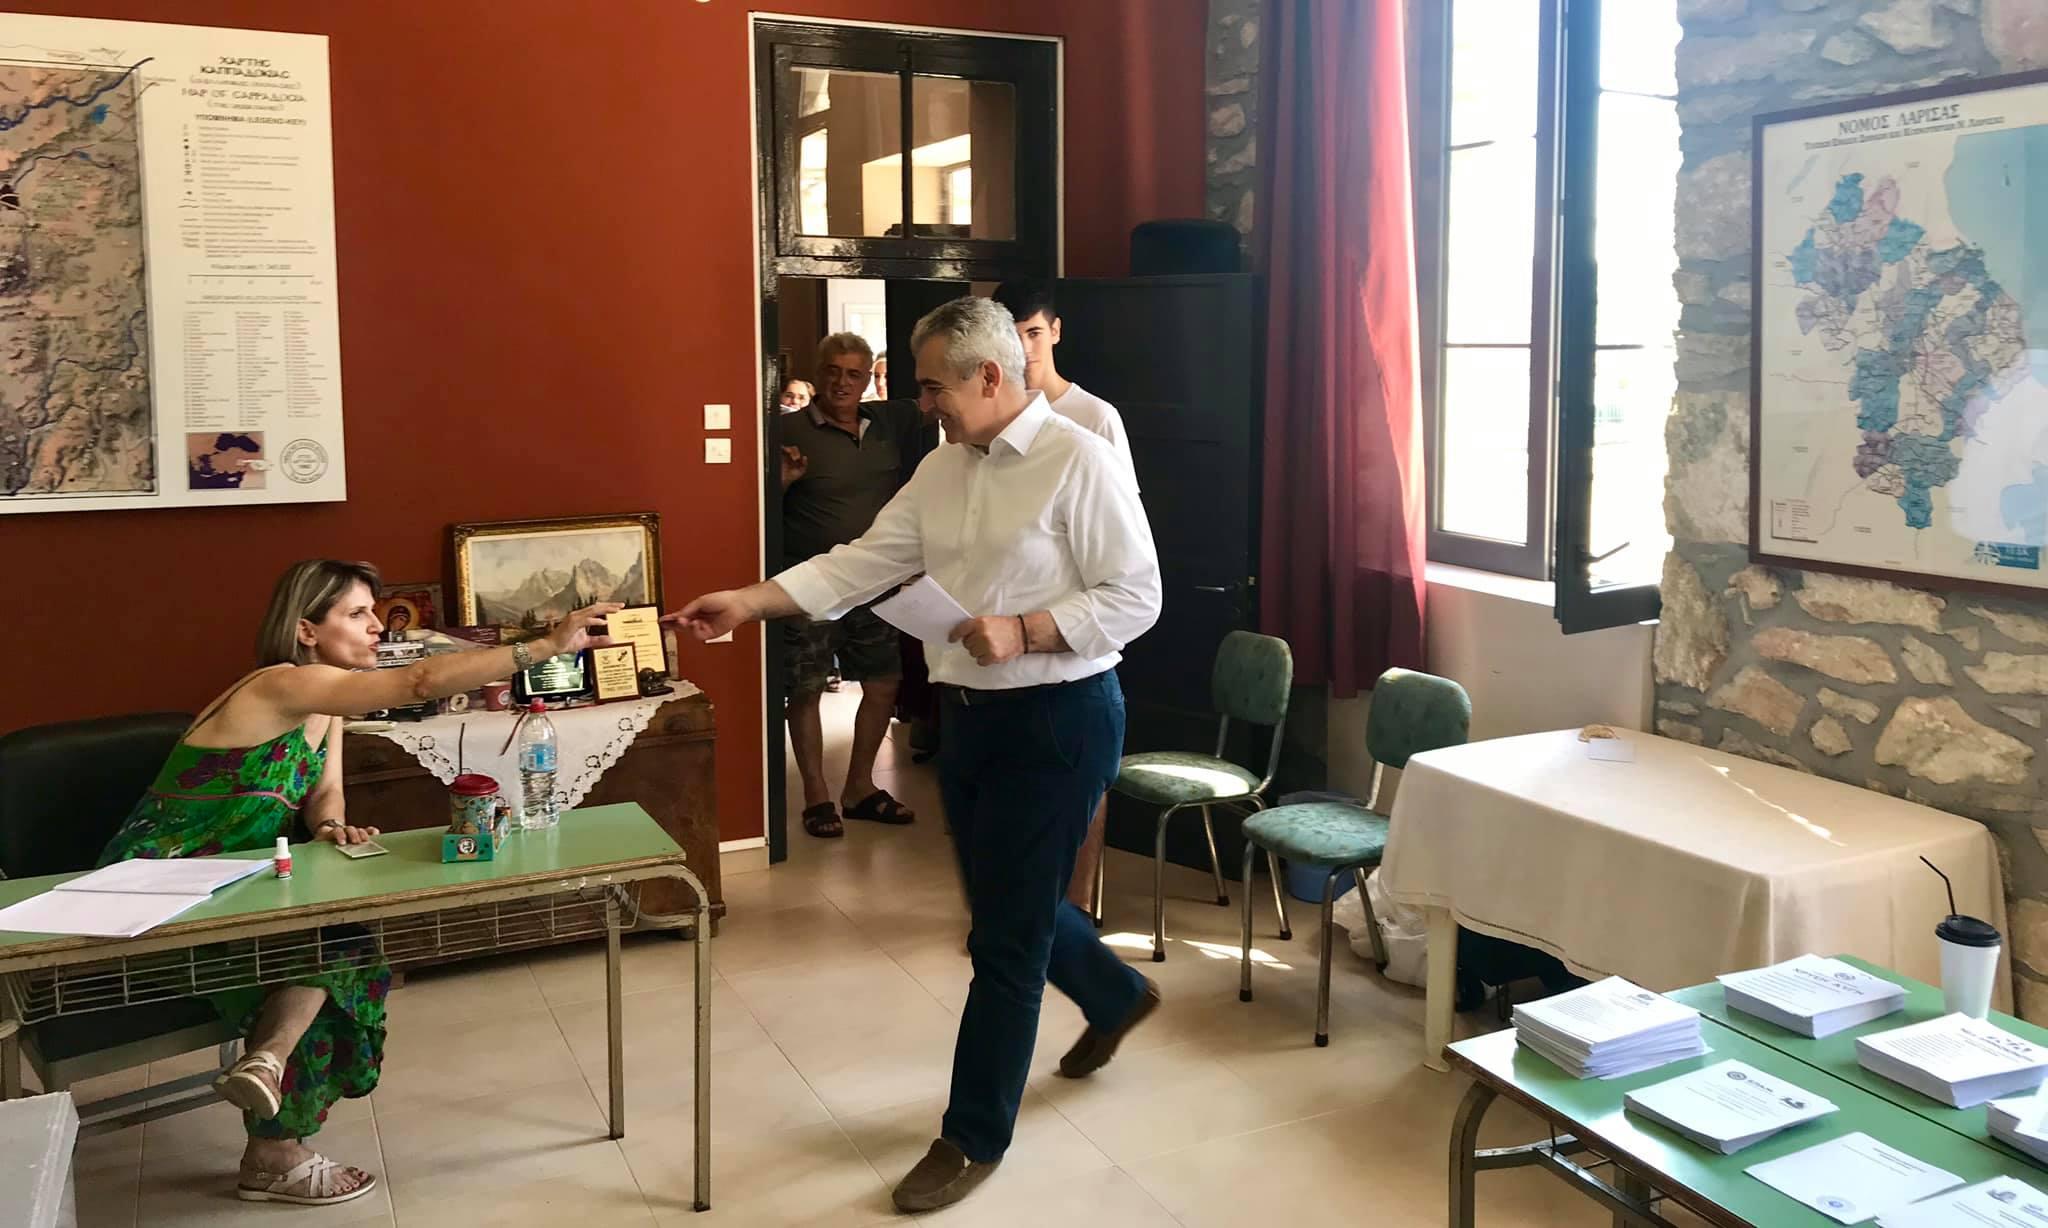 Μαζί με τον γιο του ψήφισε ο Μάξιμος Χαρακόπουλος στα Βούναινα: Οι νέοι ψηφίζουν ελπίδα για το αύριο! (φωτο)